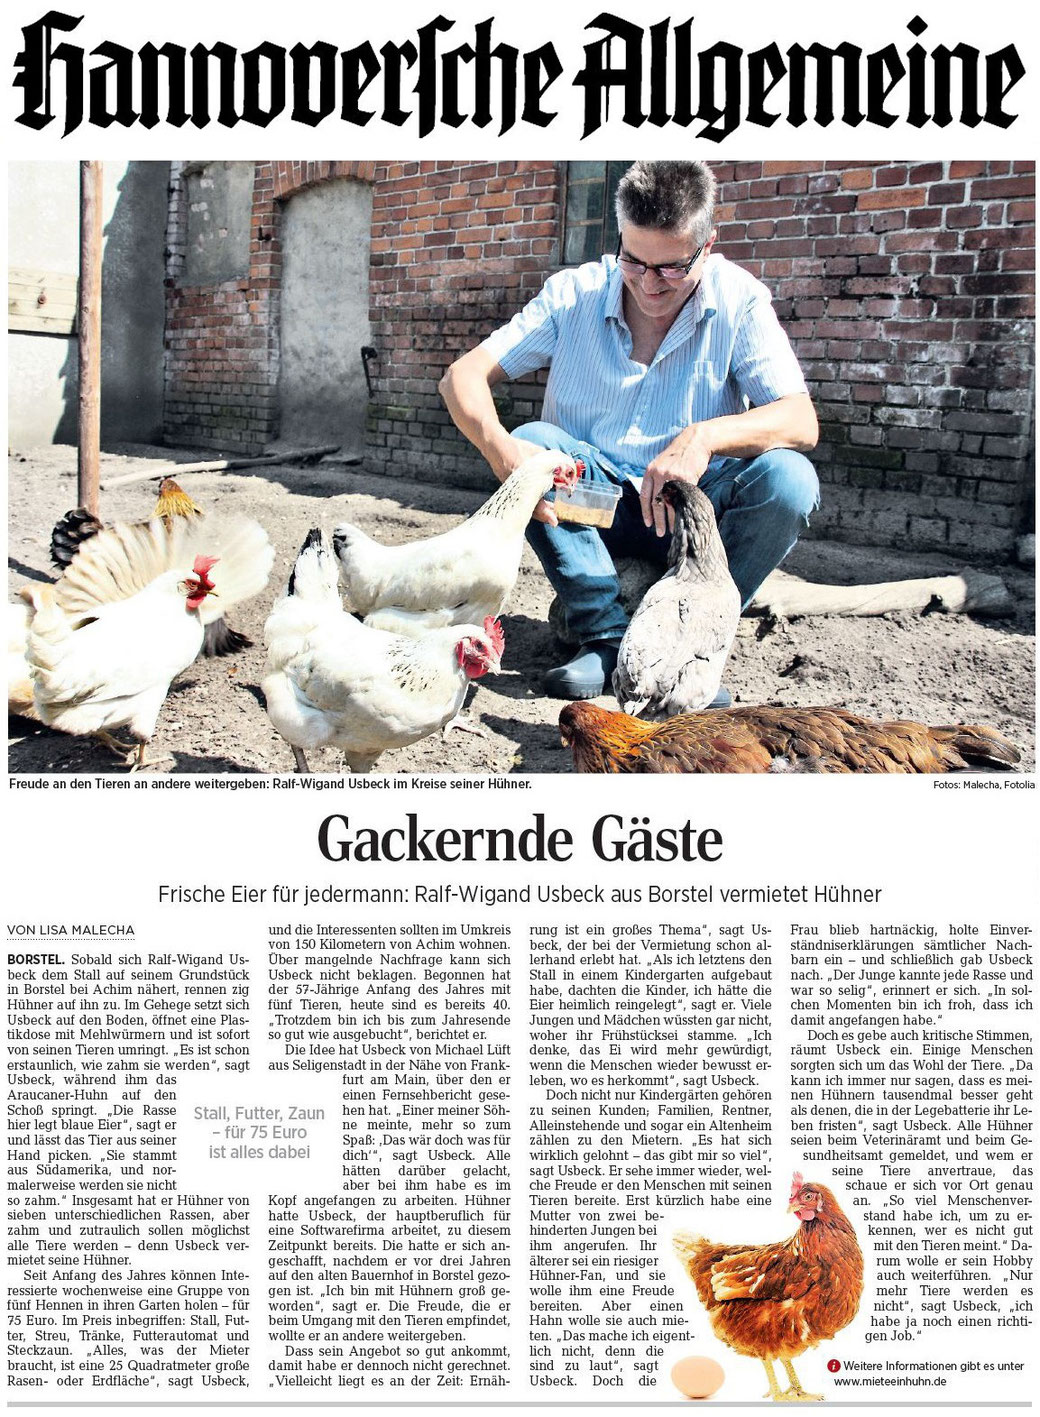 Hannoversche Allgemeine Zeitung 30.06.2016